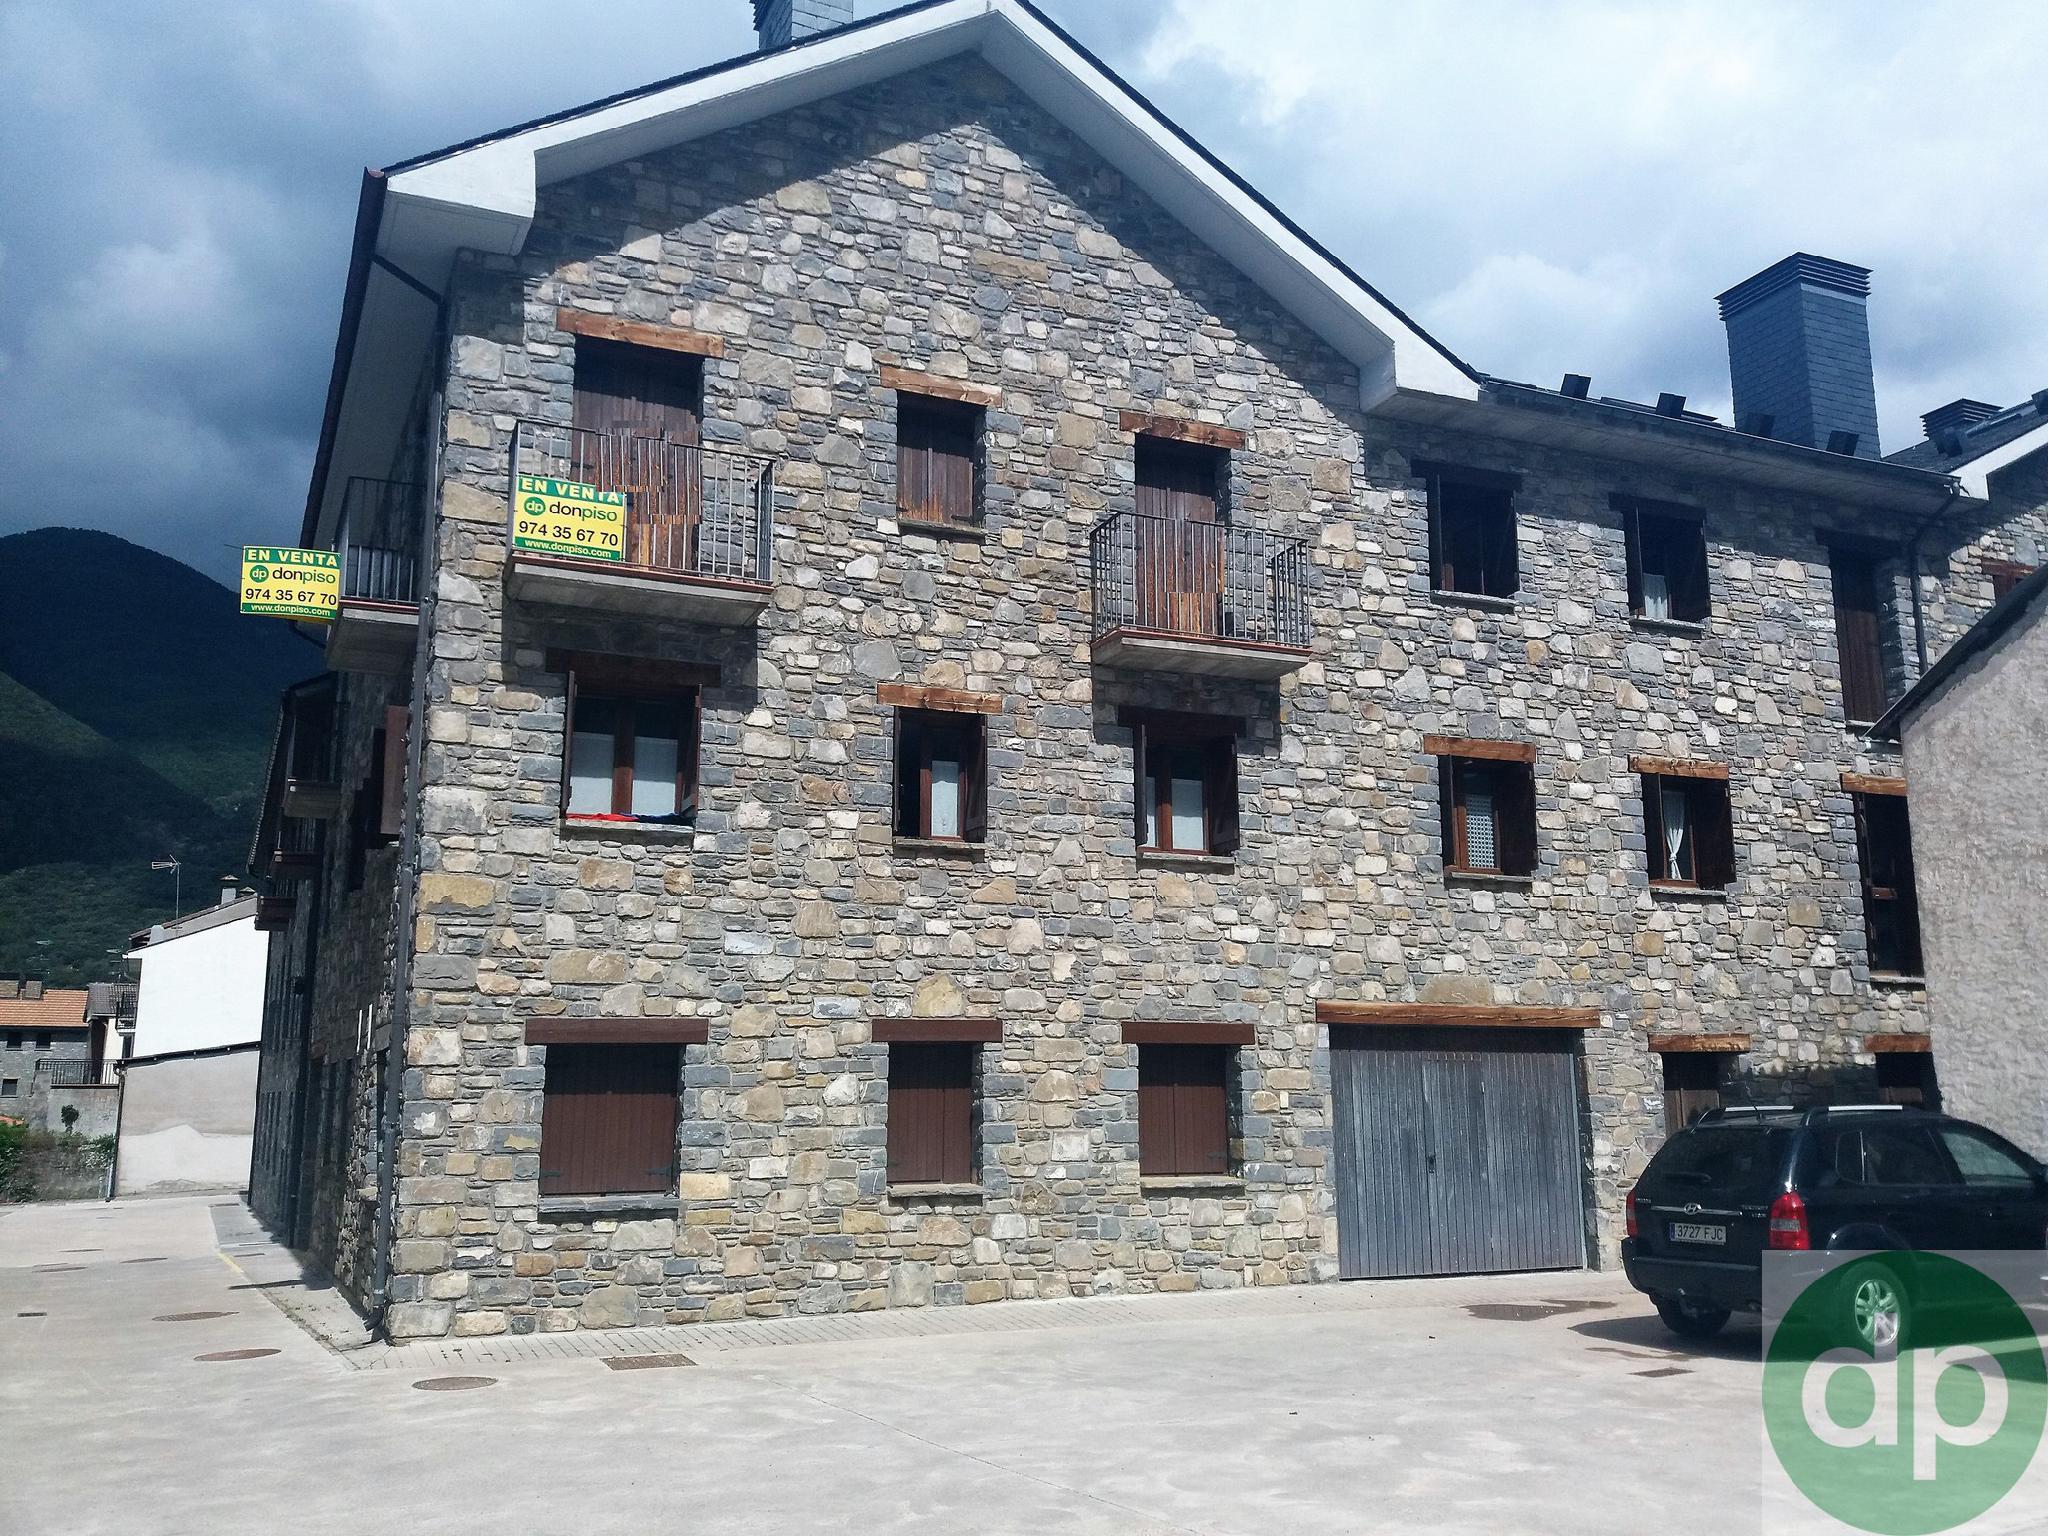 206248 - Villanúa pueblo